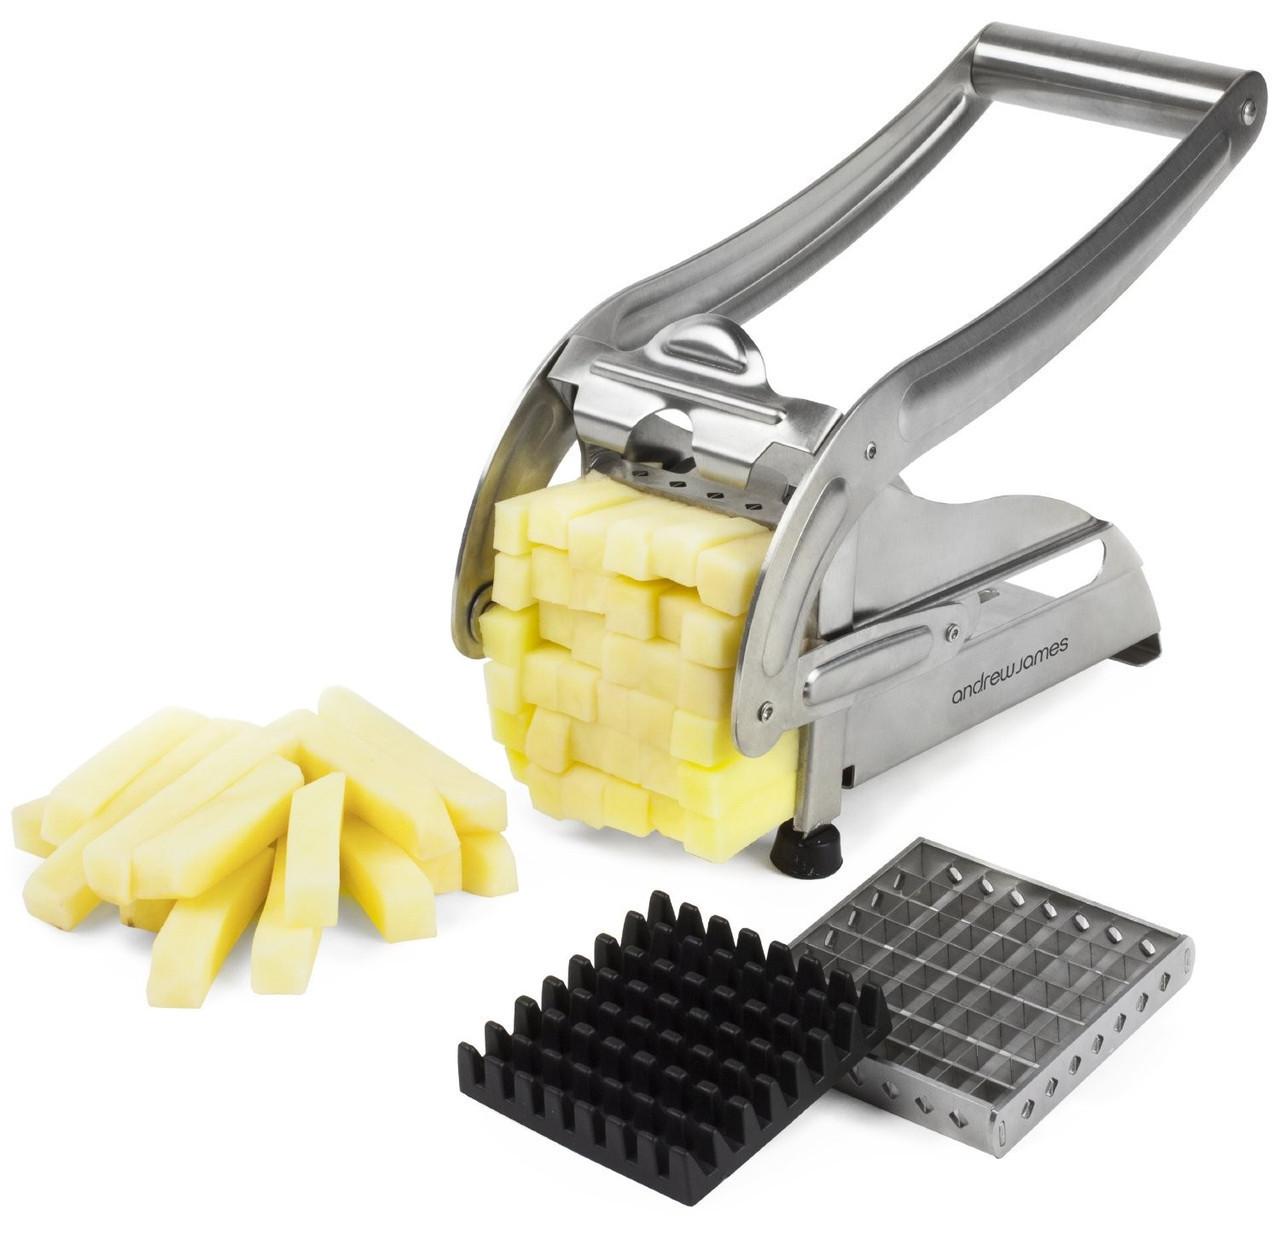 Машинка для нарезки картофеля соломкой Potato Chipper   картофелерезка   овощерезка   мультирезка